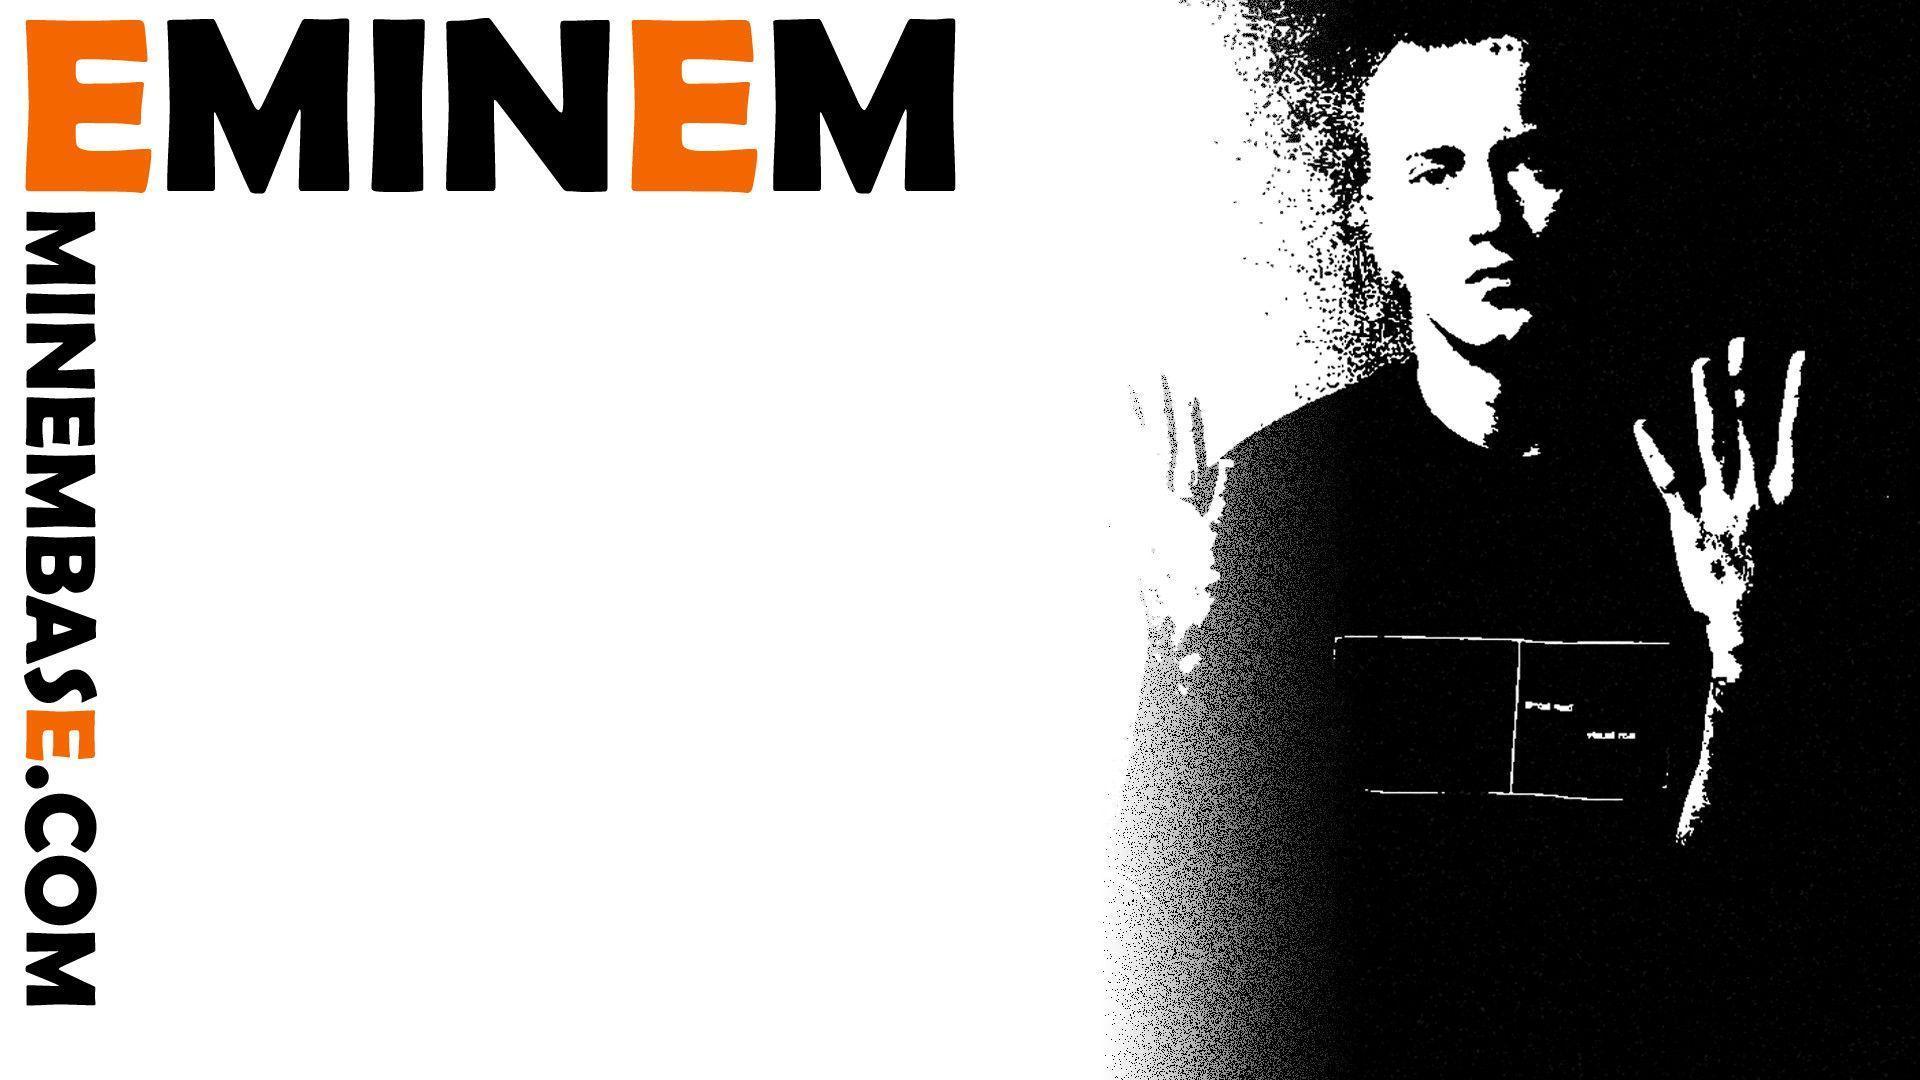 Eminem Desktop Wallpapers | Download for Free